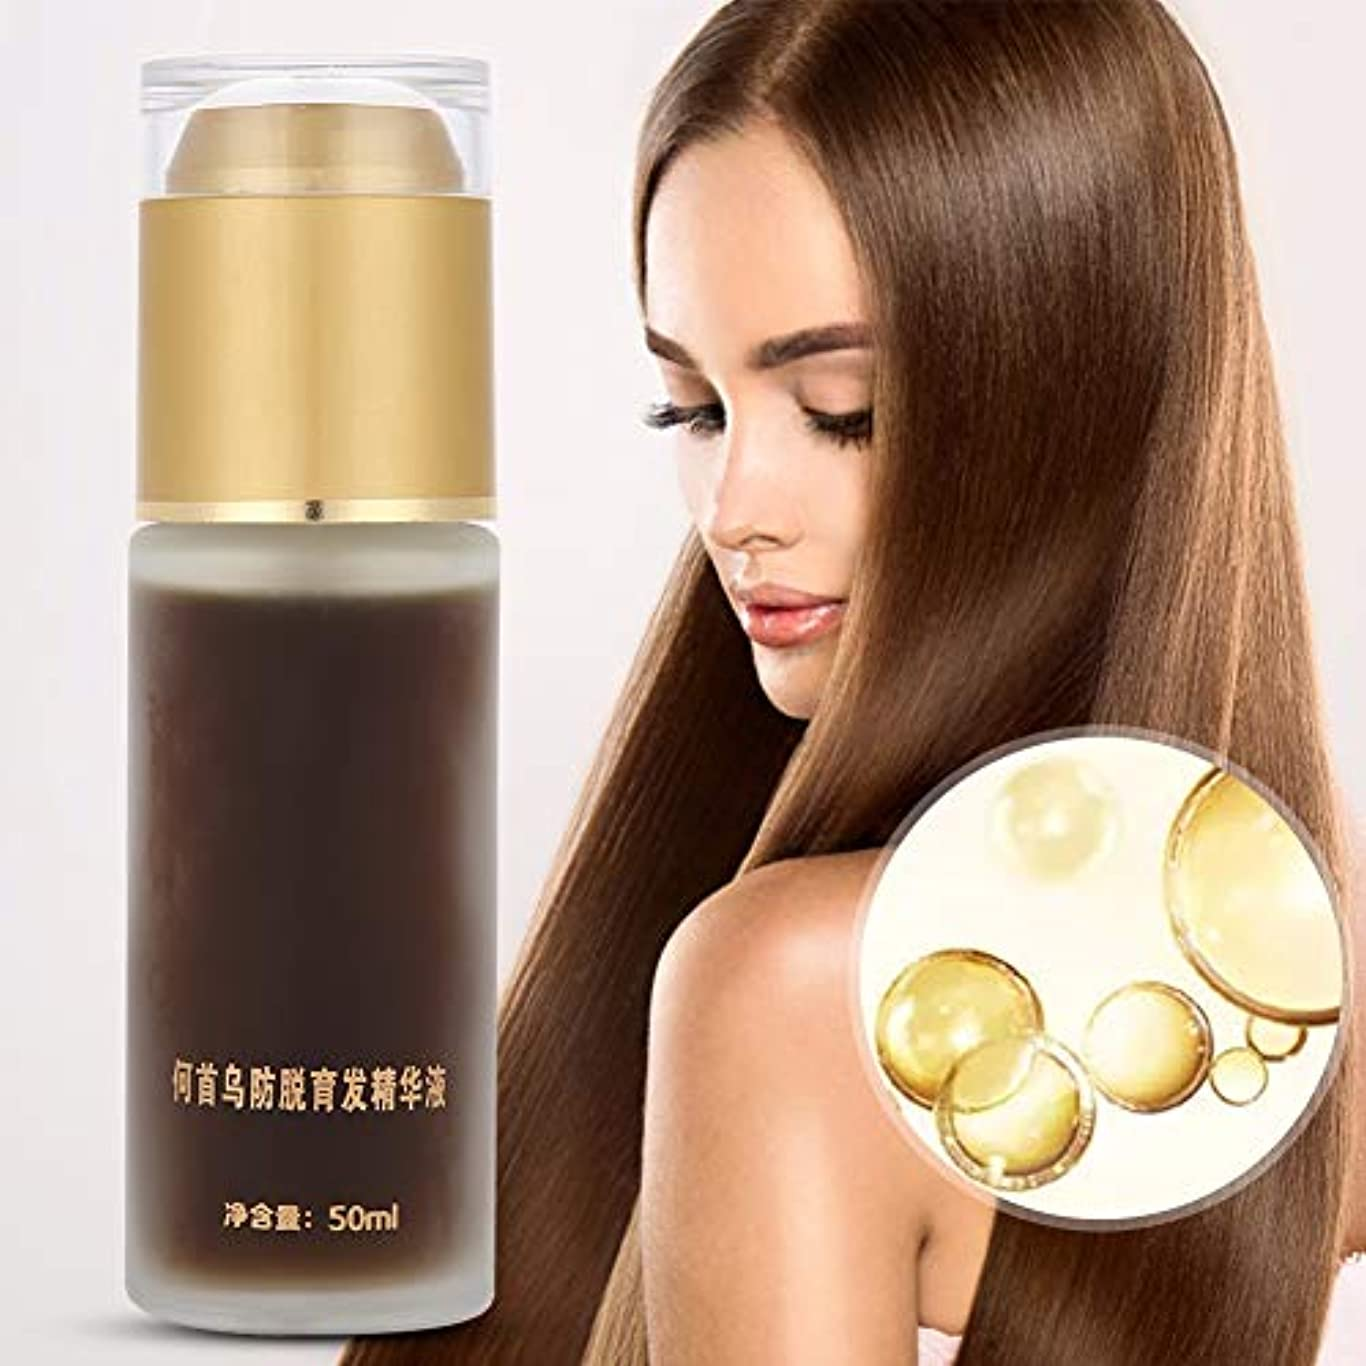 50ミリリットルpolygonum multiflorum育毛セラムピラトリーアンチ抜け毛エッセンス液体エッセンシャルオイル育毛、肌保湿剤、ラッシュブースト血清